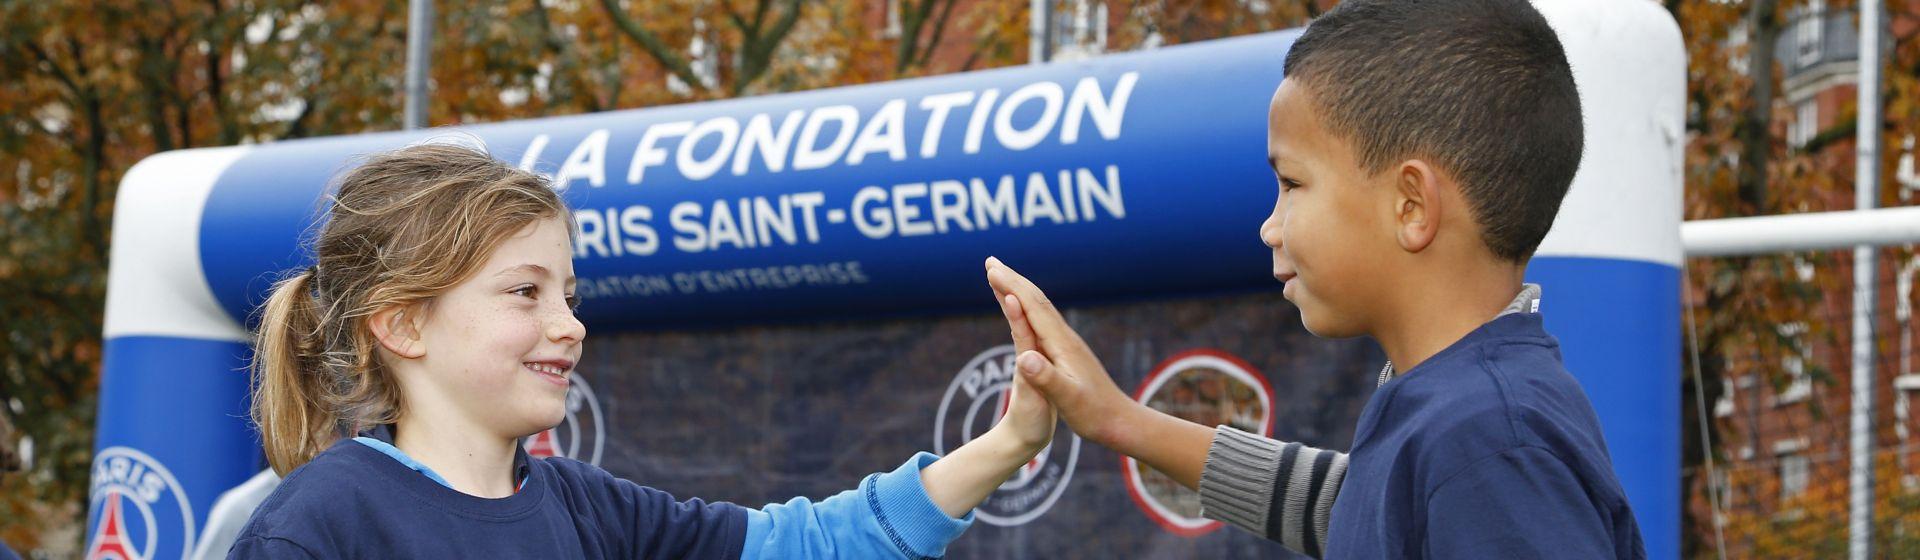 au Stade Max RousiŽ, dans le XVIIe arrondissement de Paris, une centaine d'enfants a participŽ ˆ l'une des JournŽes Paris Saint-Germain, en partenariat avec la Mairie de Paris